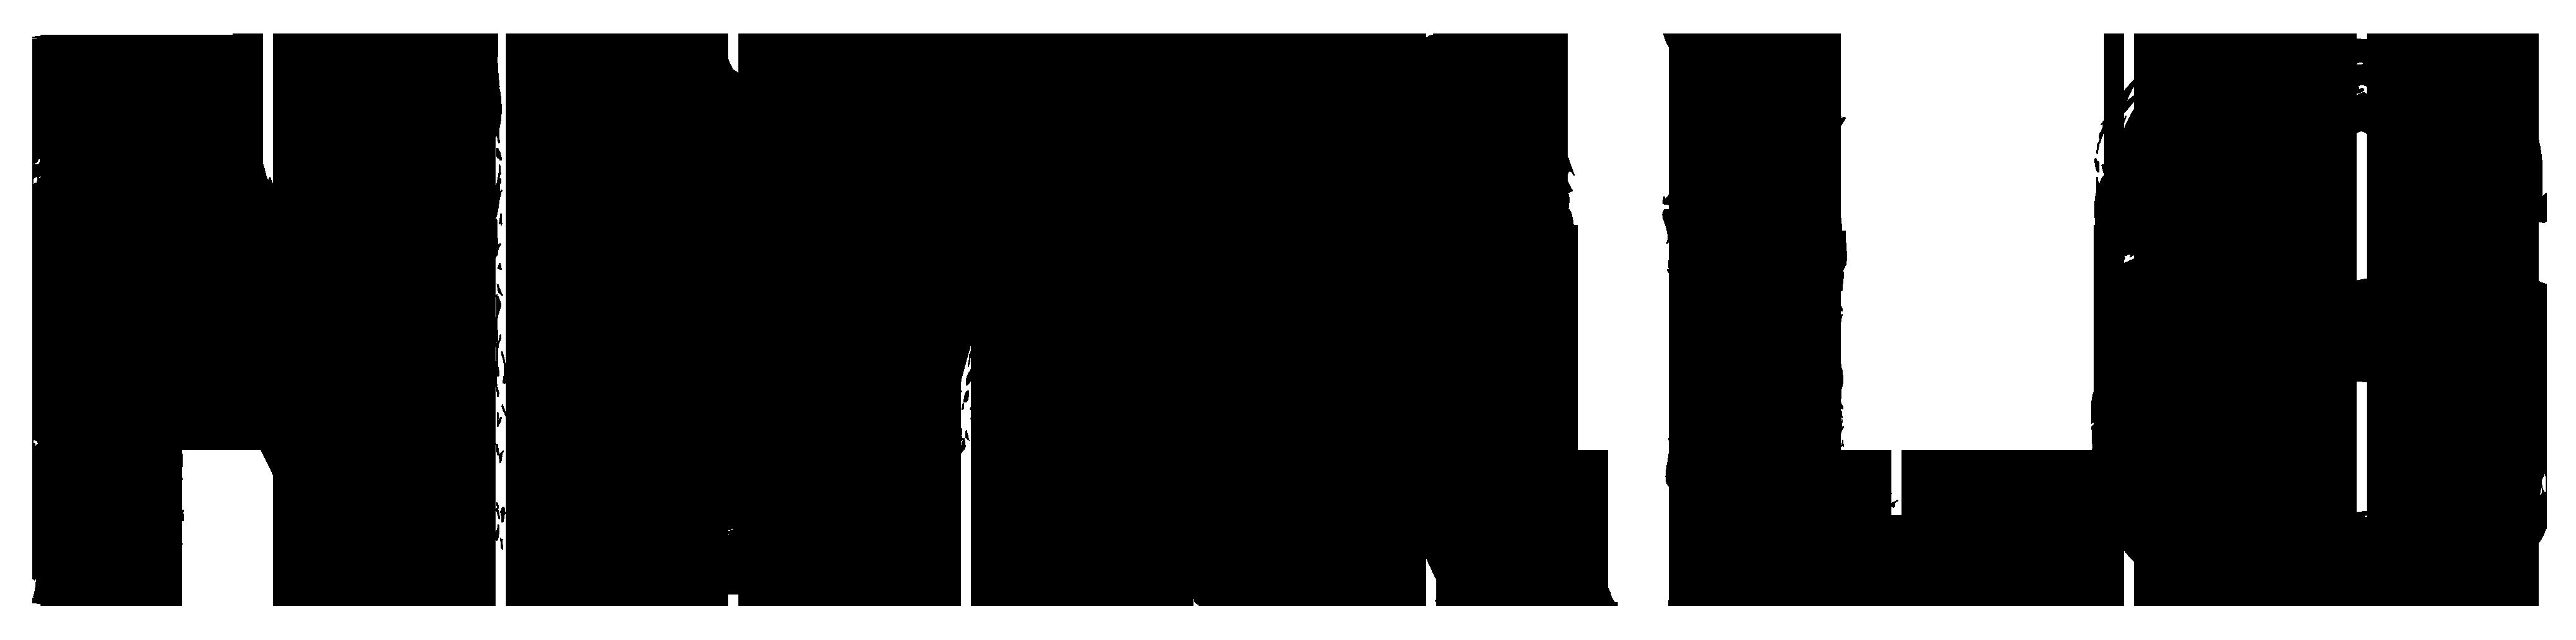 NVRLG